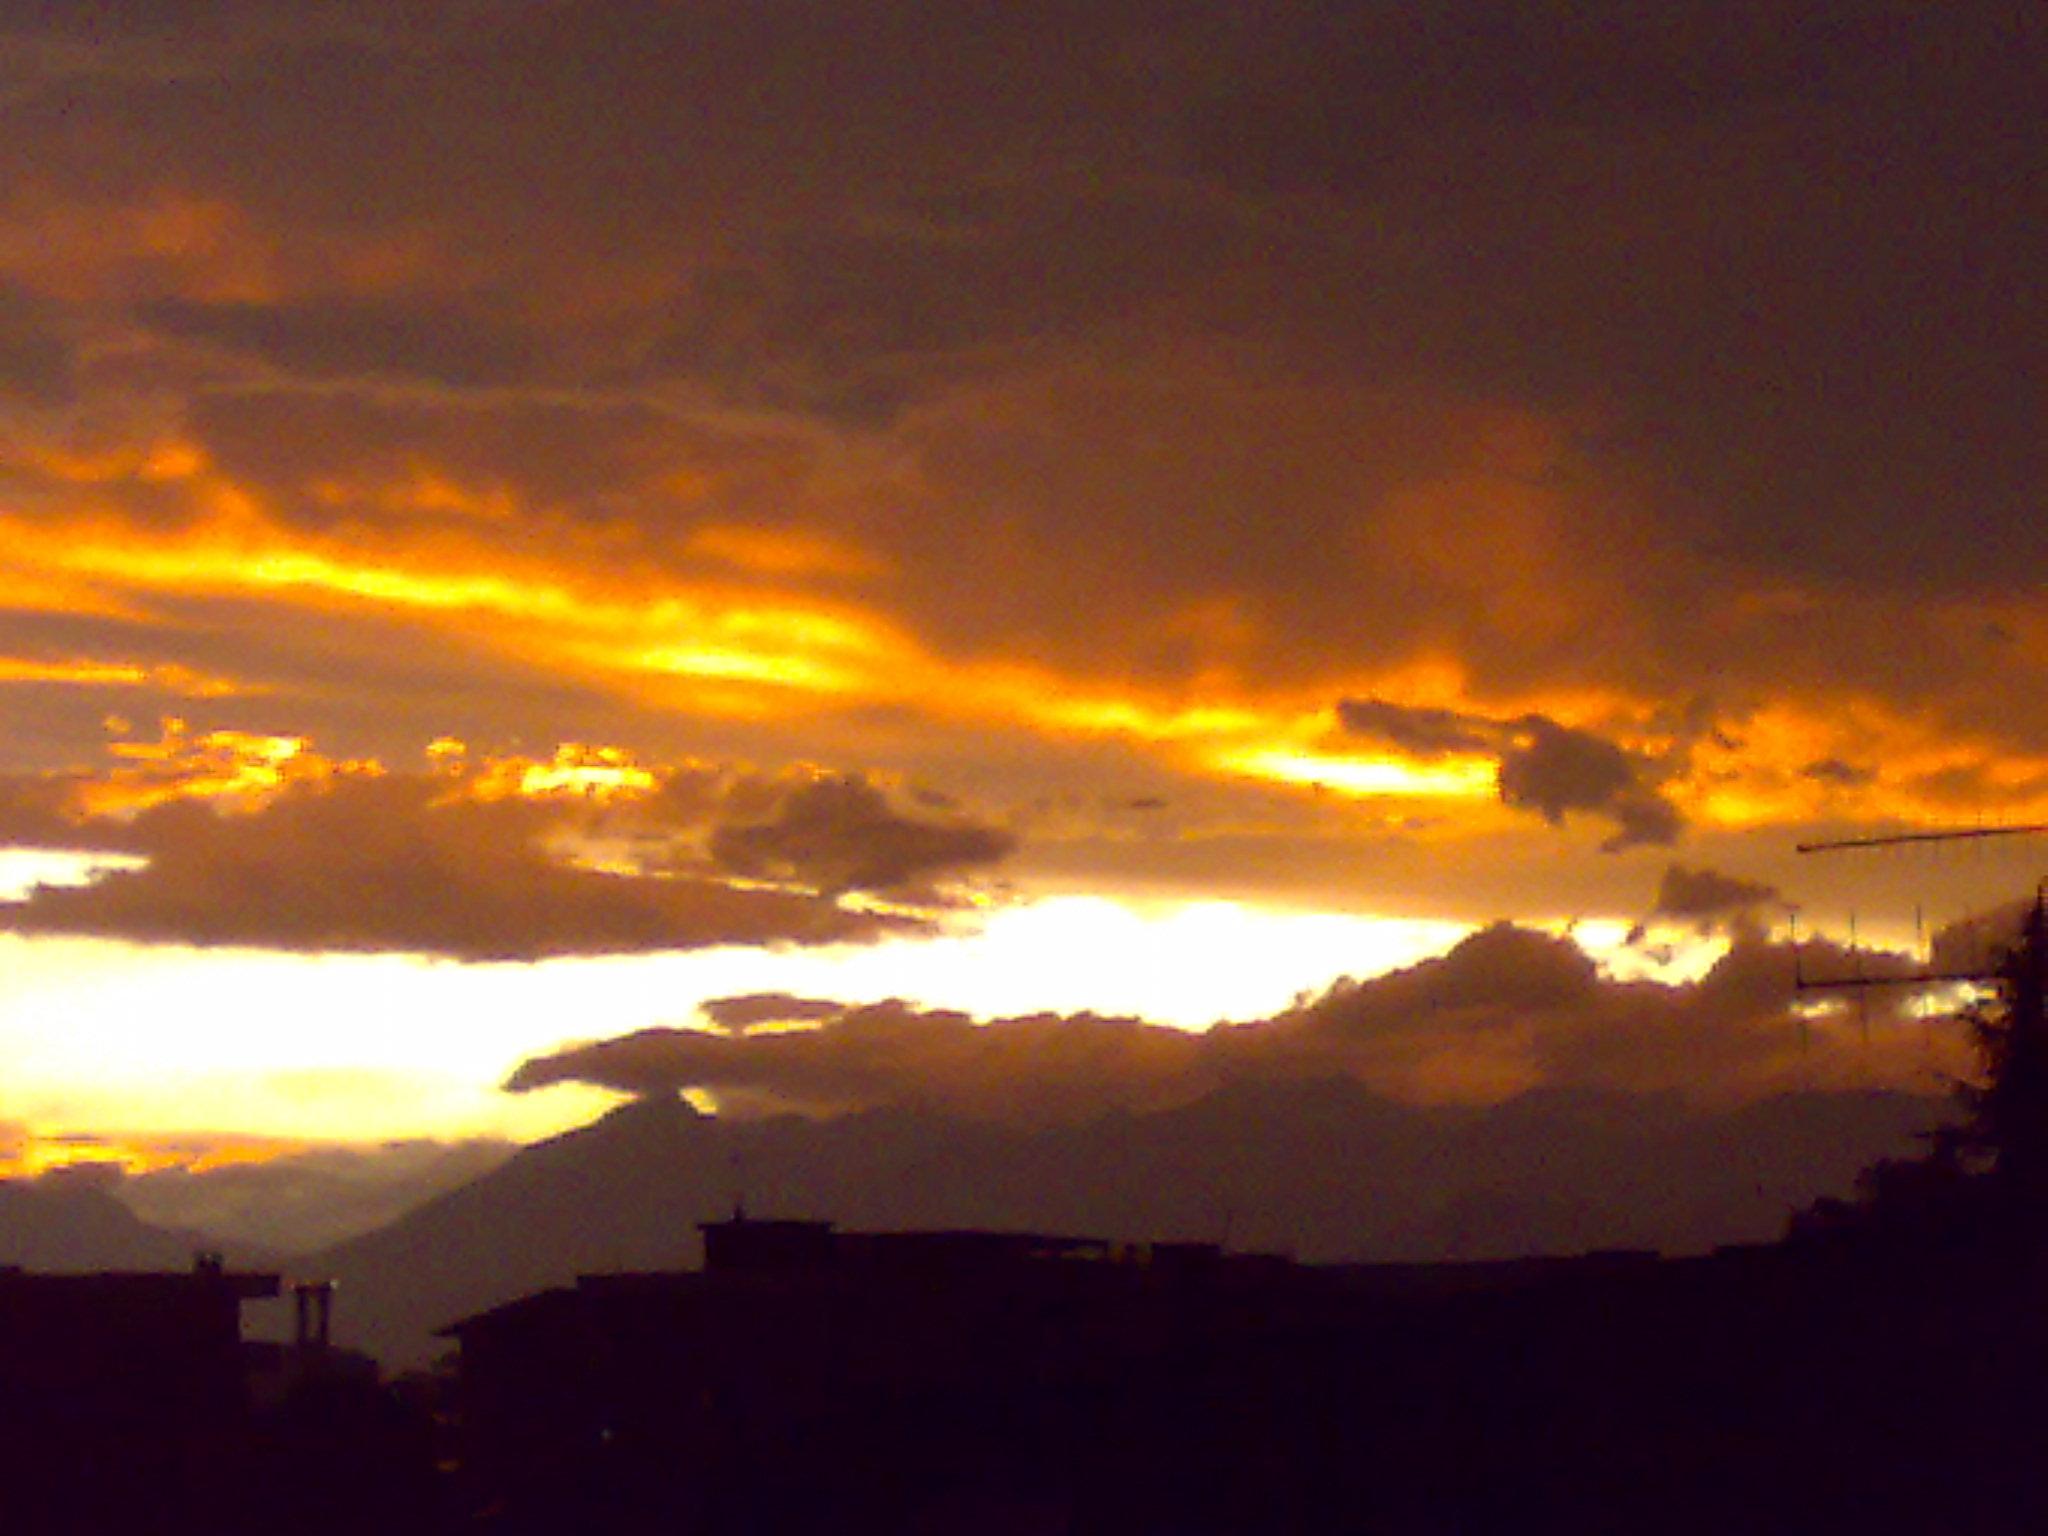 foto al tramonto in Come si dice in certi casi:  non ci sono parole. Moncalieri (TO)